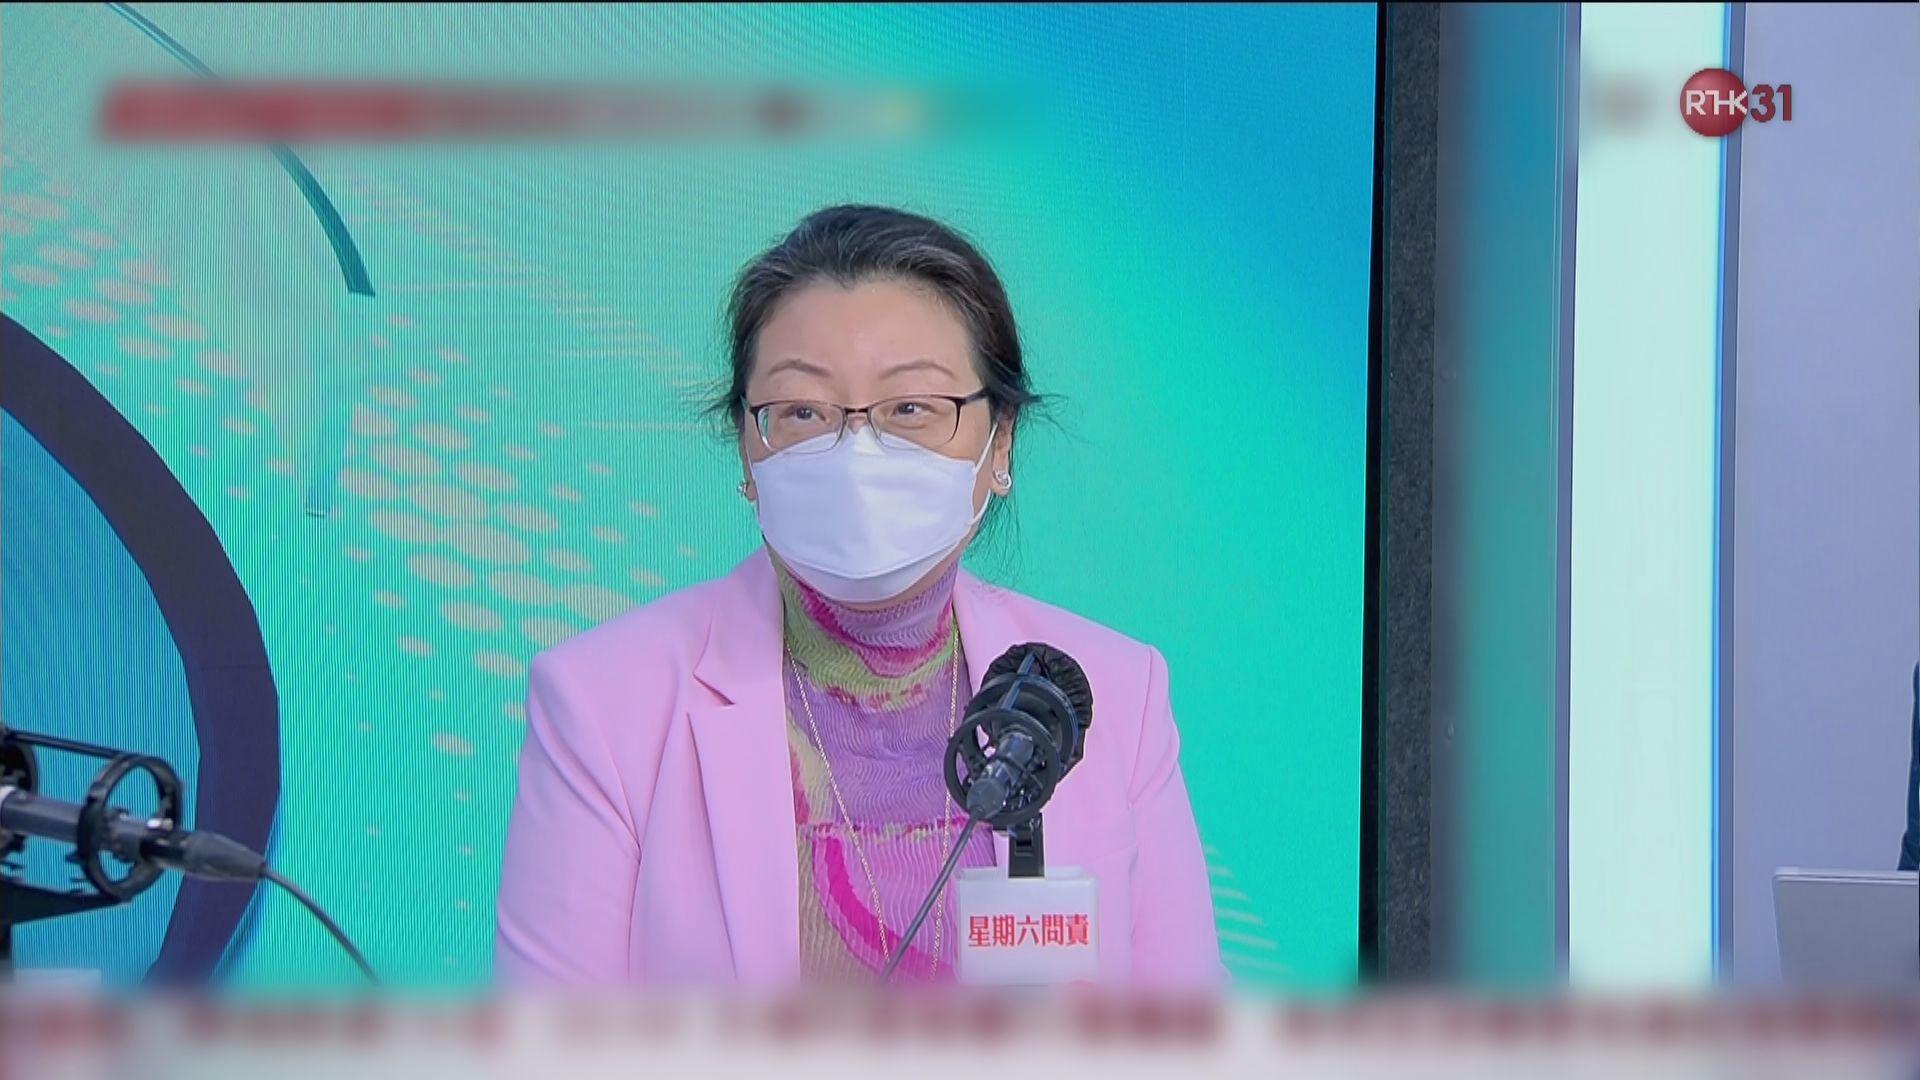 鄭若驊澄清無指政改退步 強調席位增屬政制有序發展